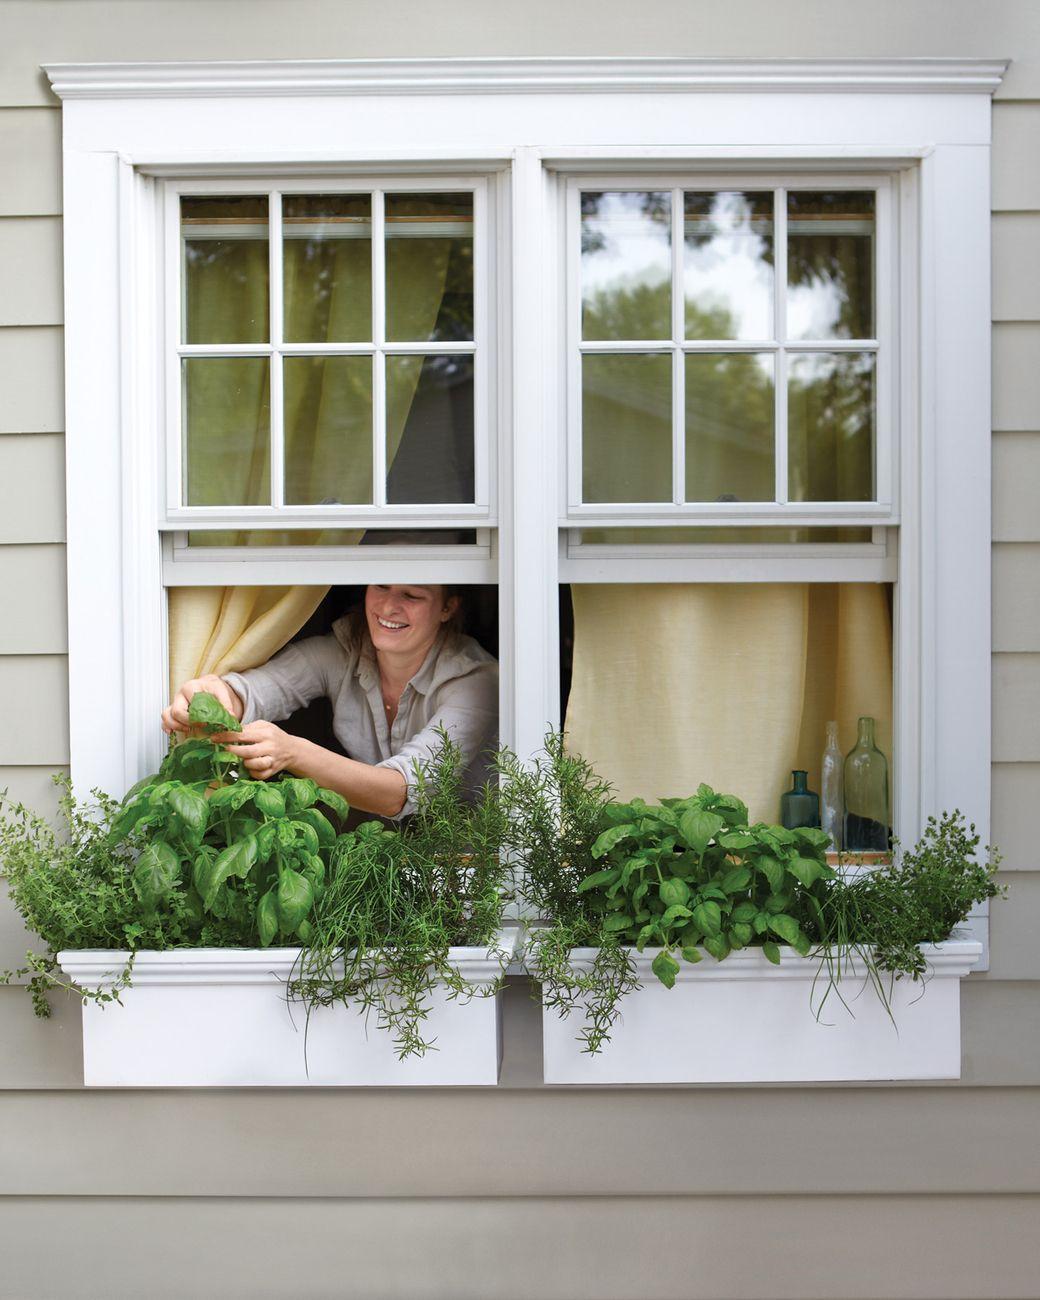 Explore Box Garden Herbs And More